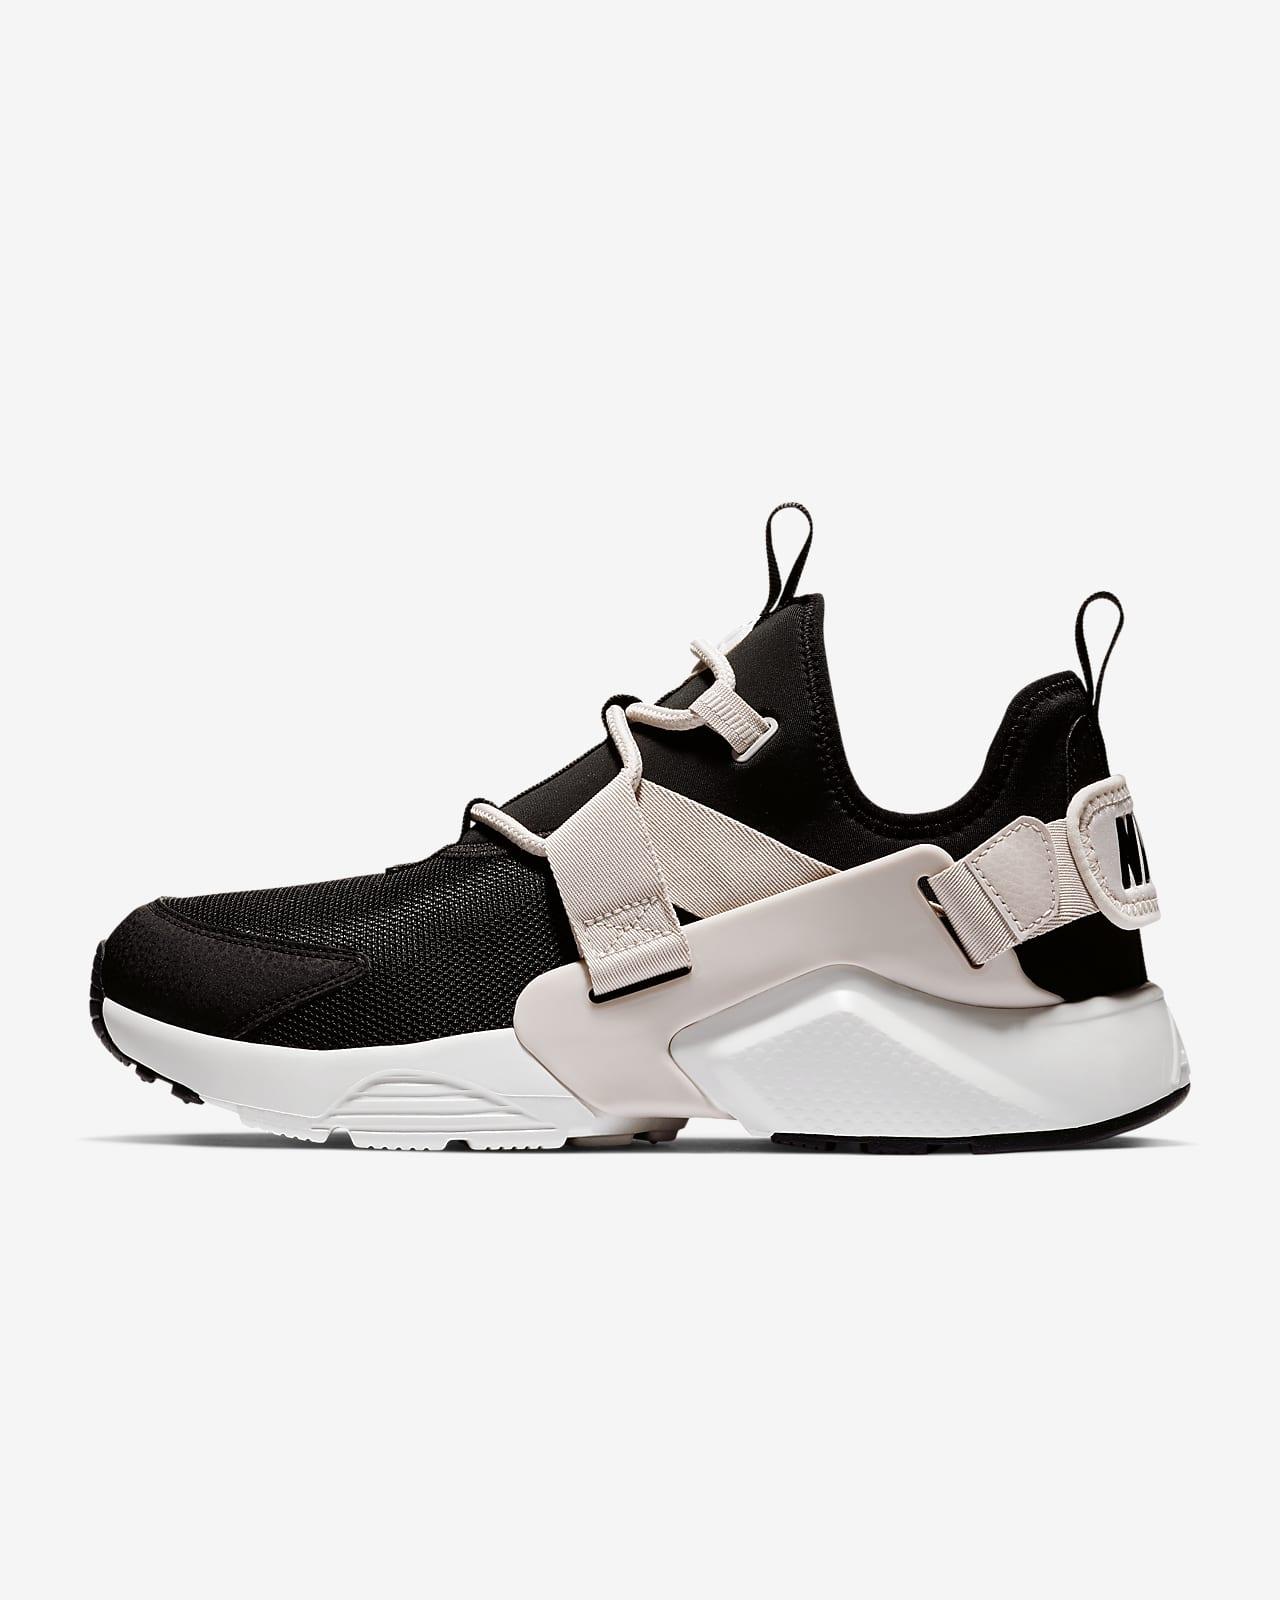 Nike Air Huarache City Low Women's Shoes